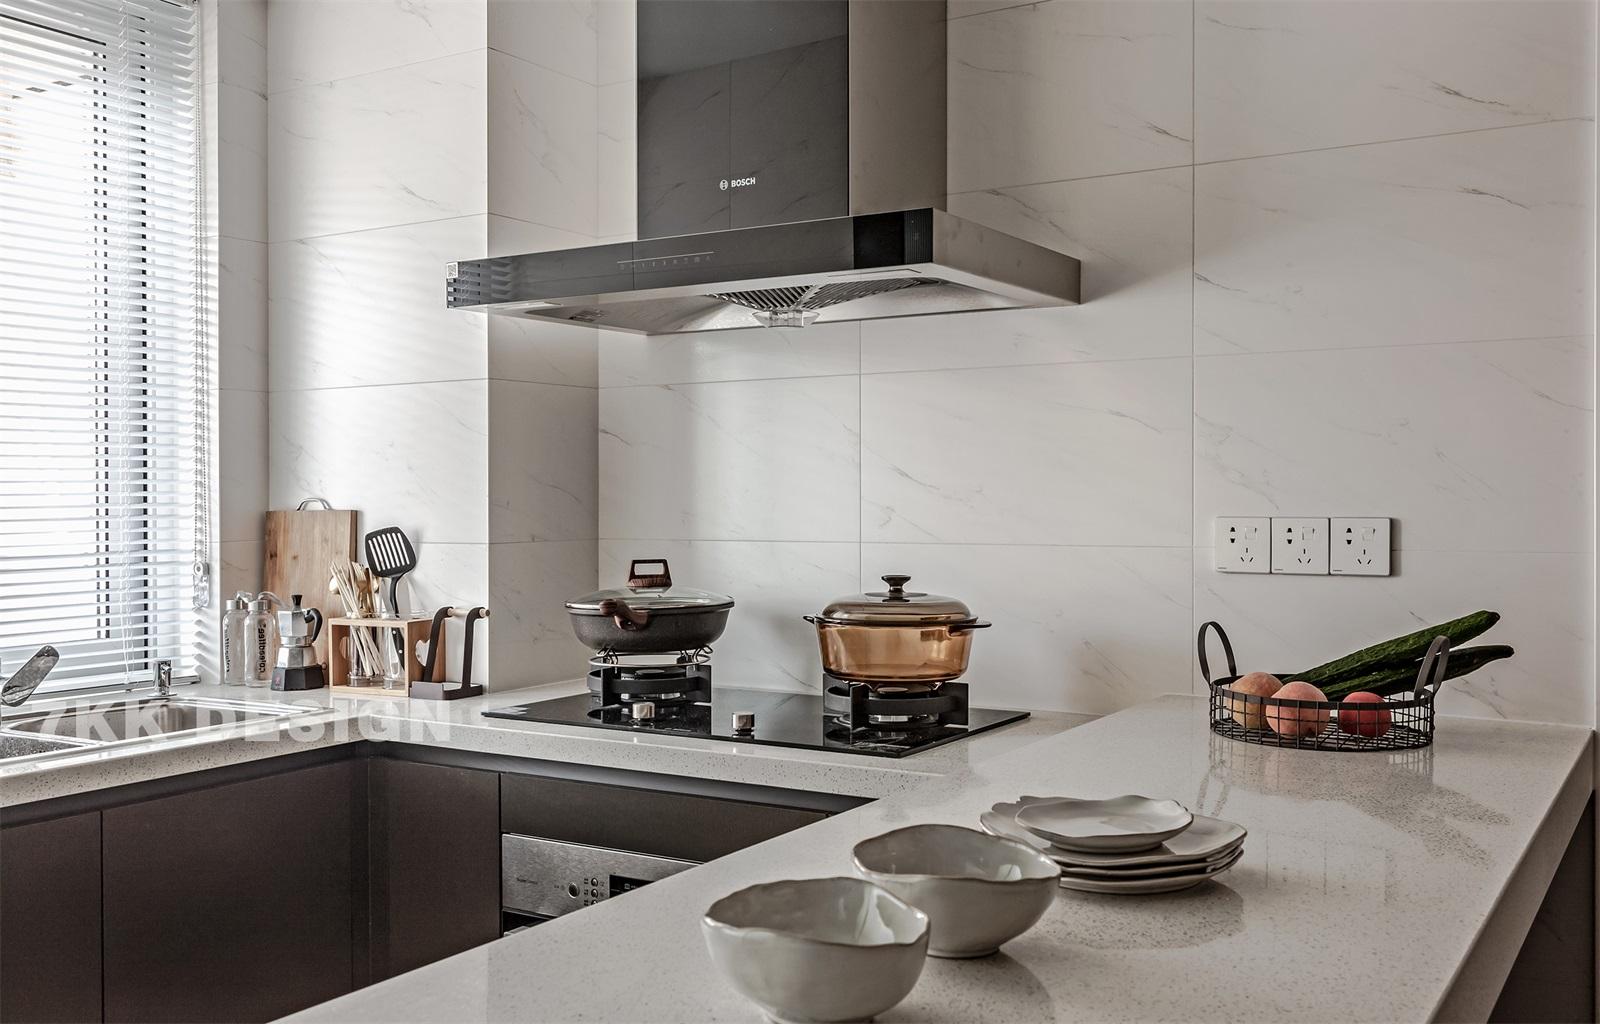 简约现代两居厨房装修效果图